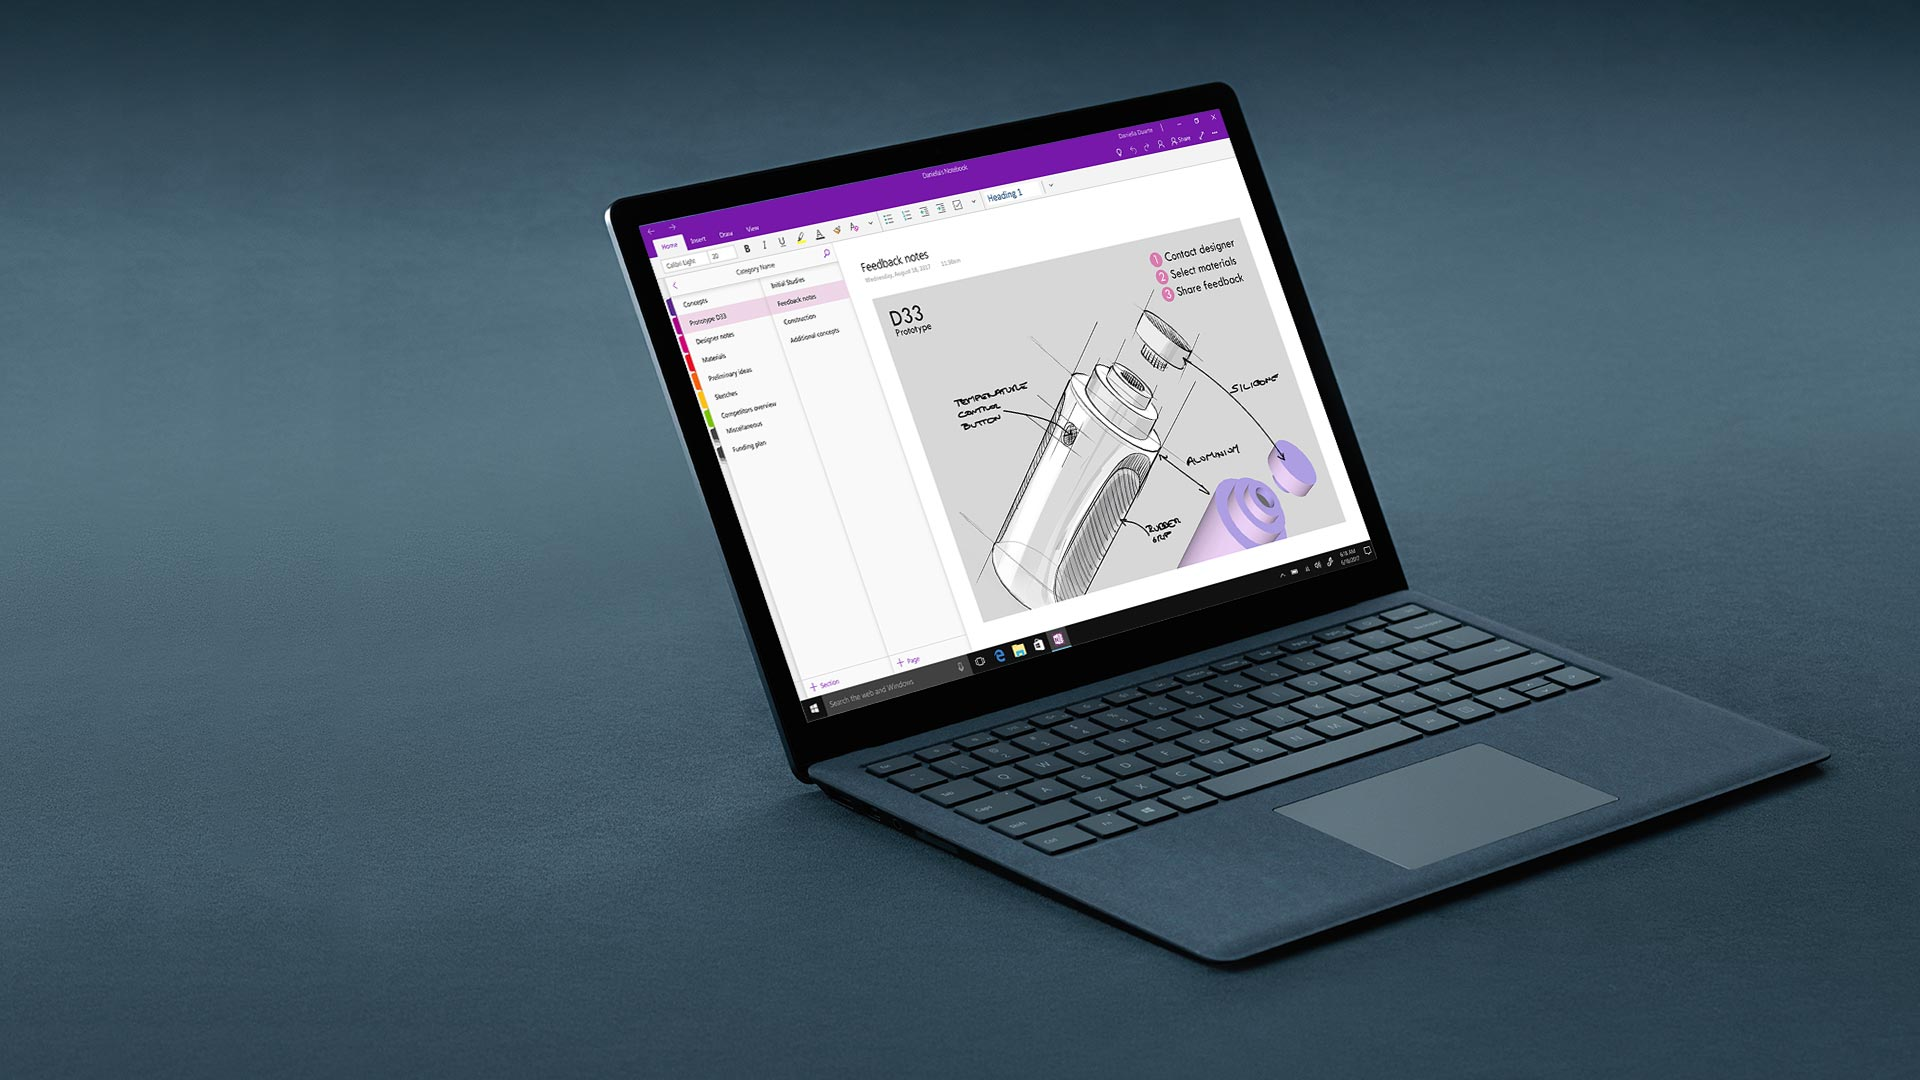 Surface Laptop in Kobalt Blau mit One Note-Bildschirm.